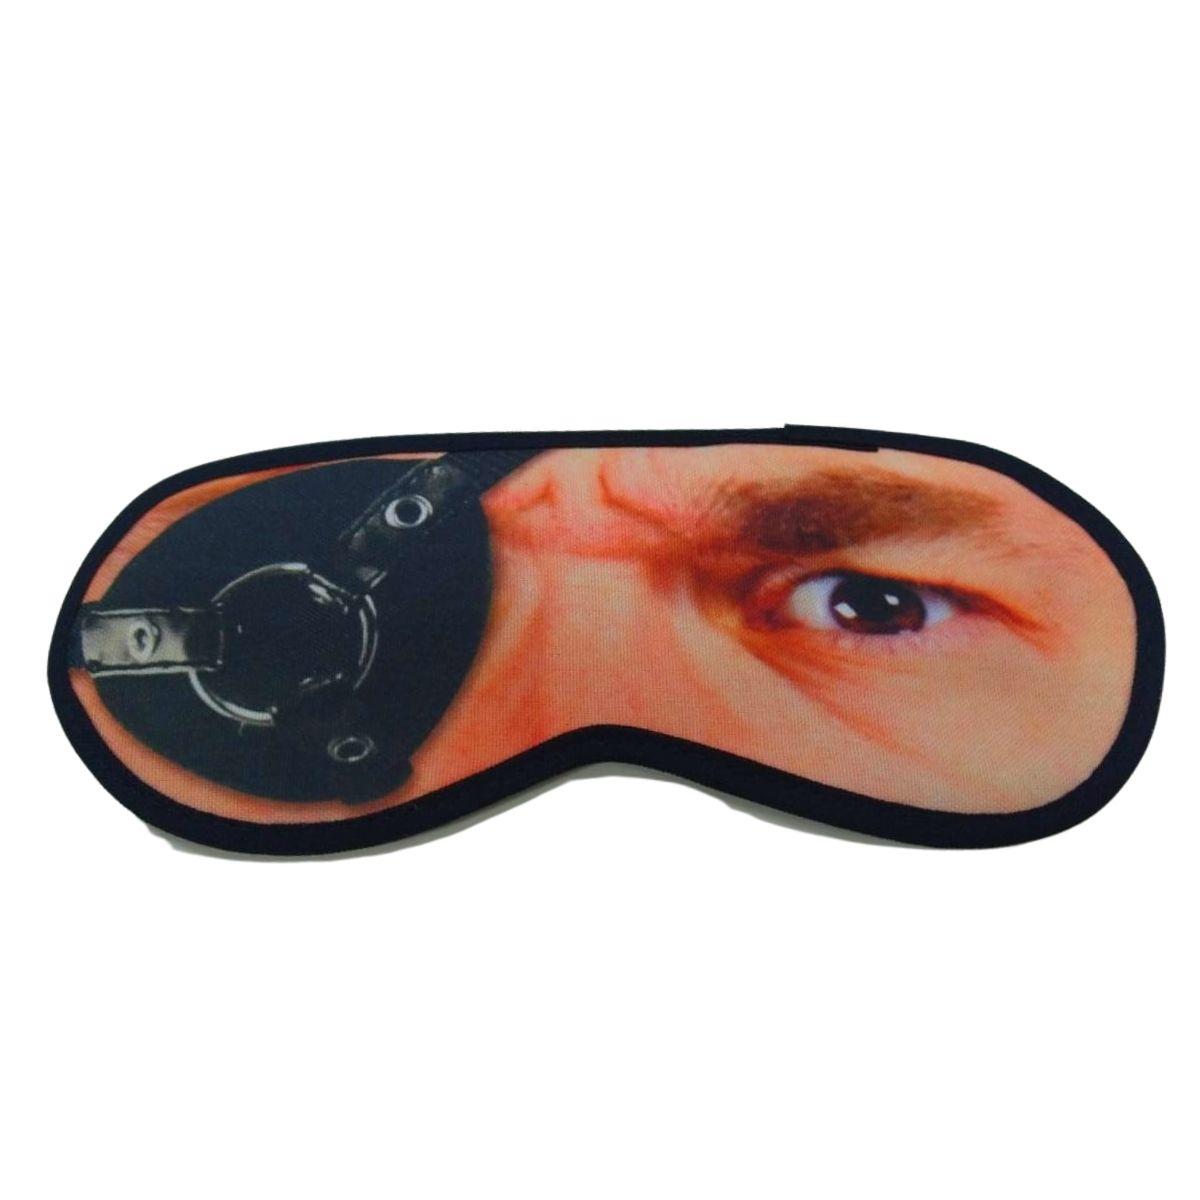 Mascara para dormir divertida homem pirata evita olheiras